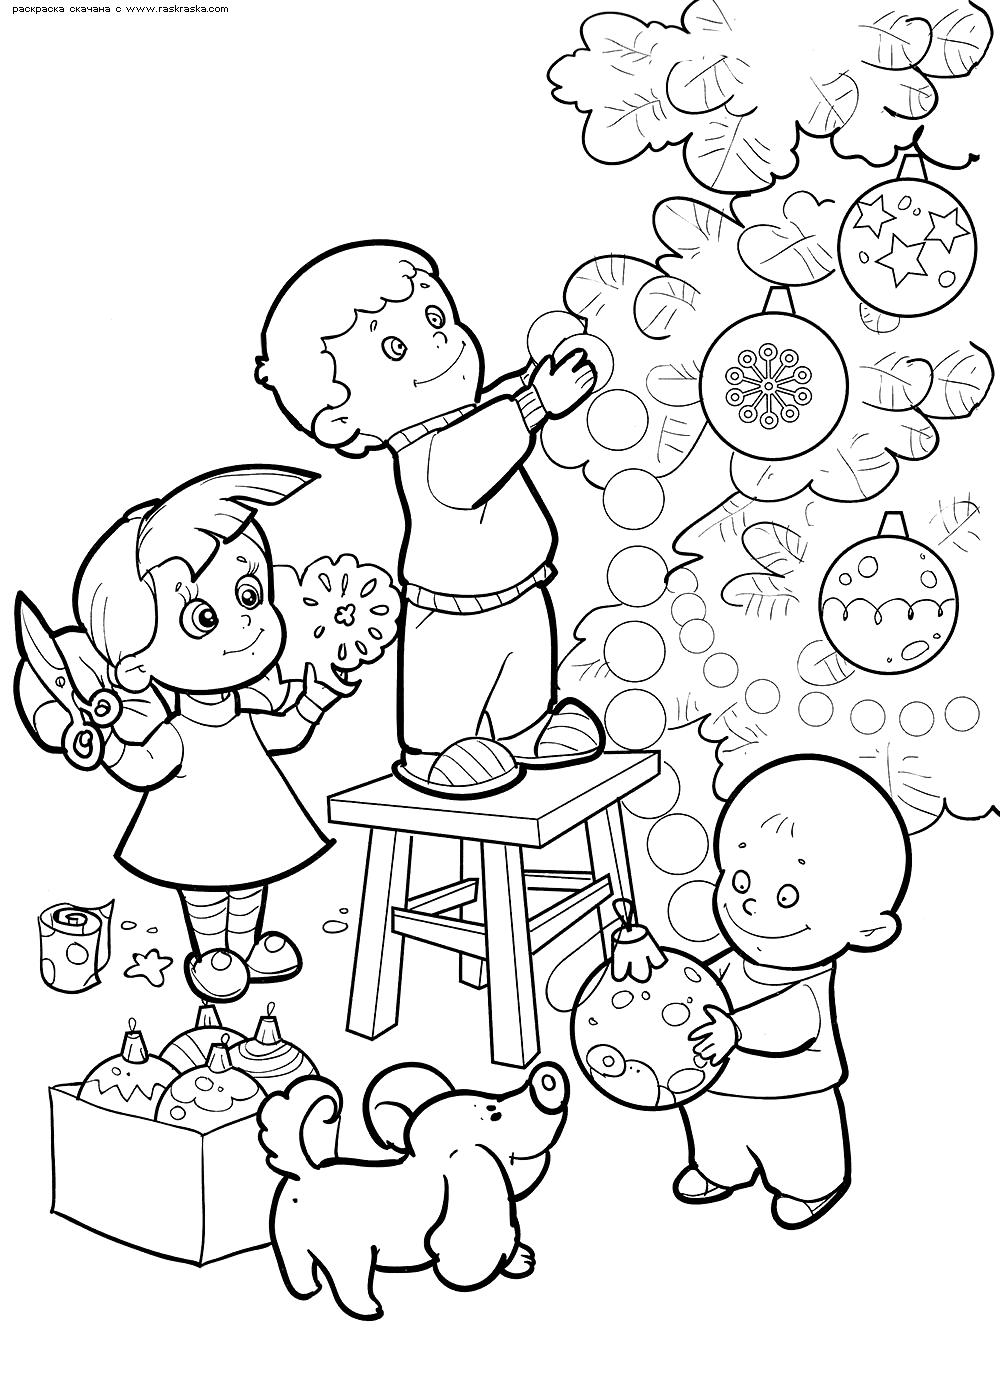 Раскраска Дети украшают елку. Раскраска новый год